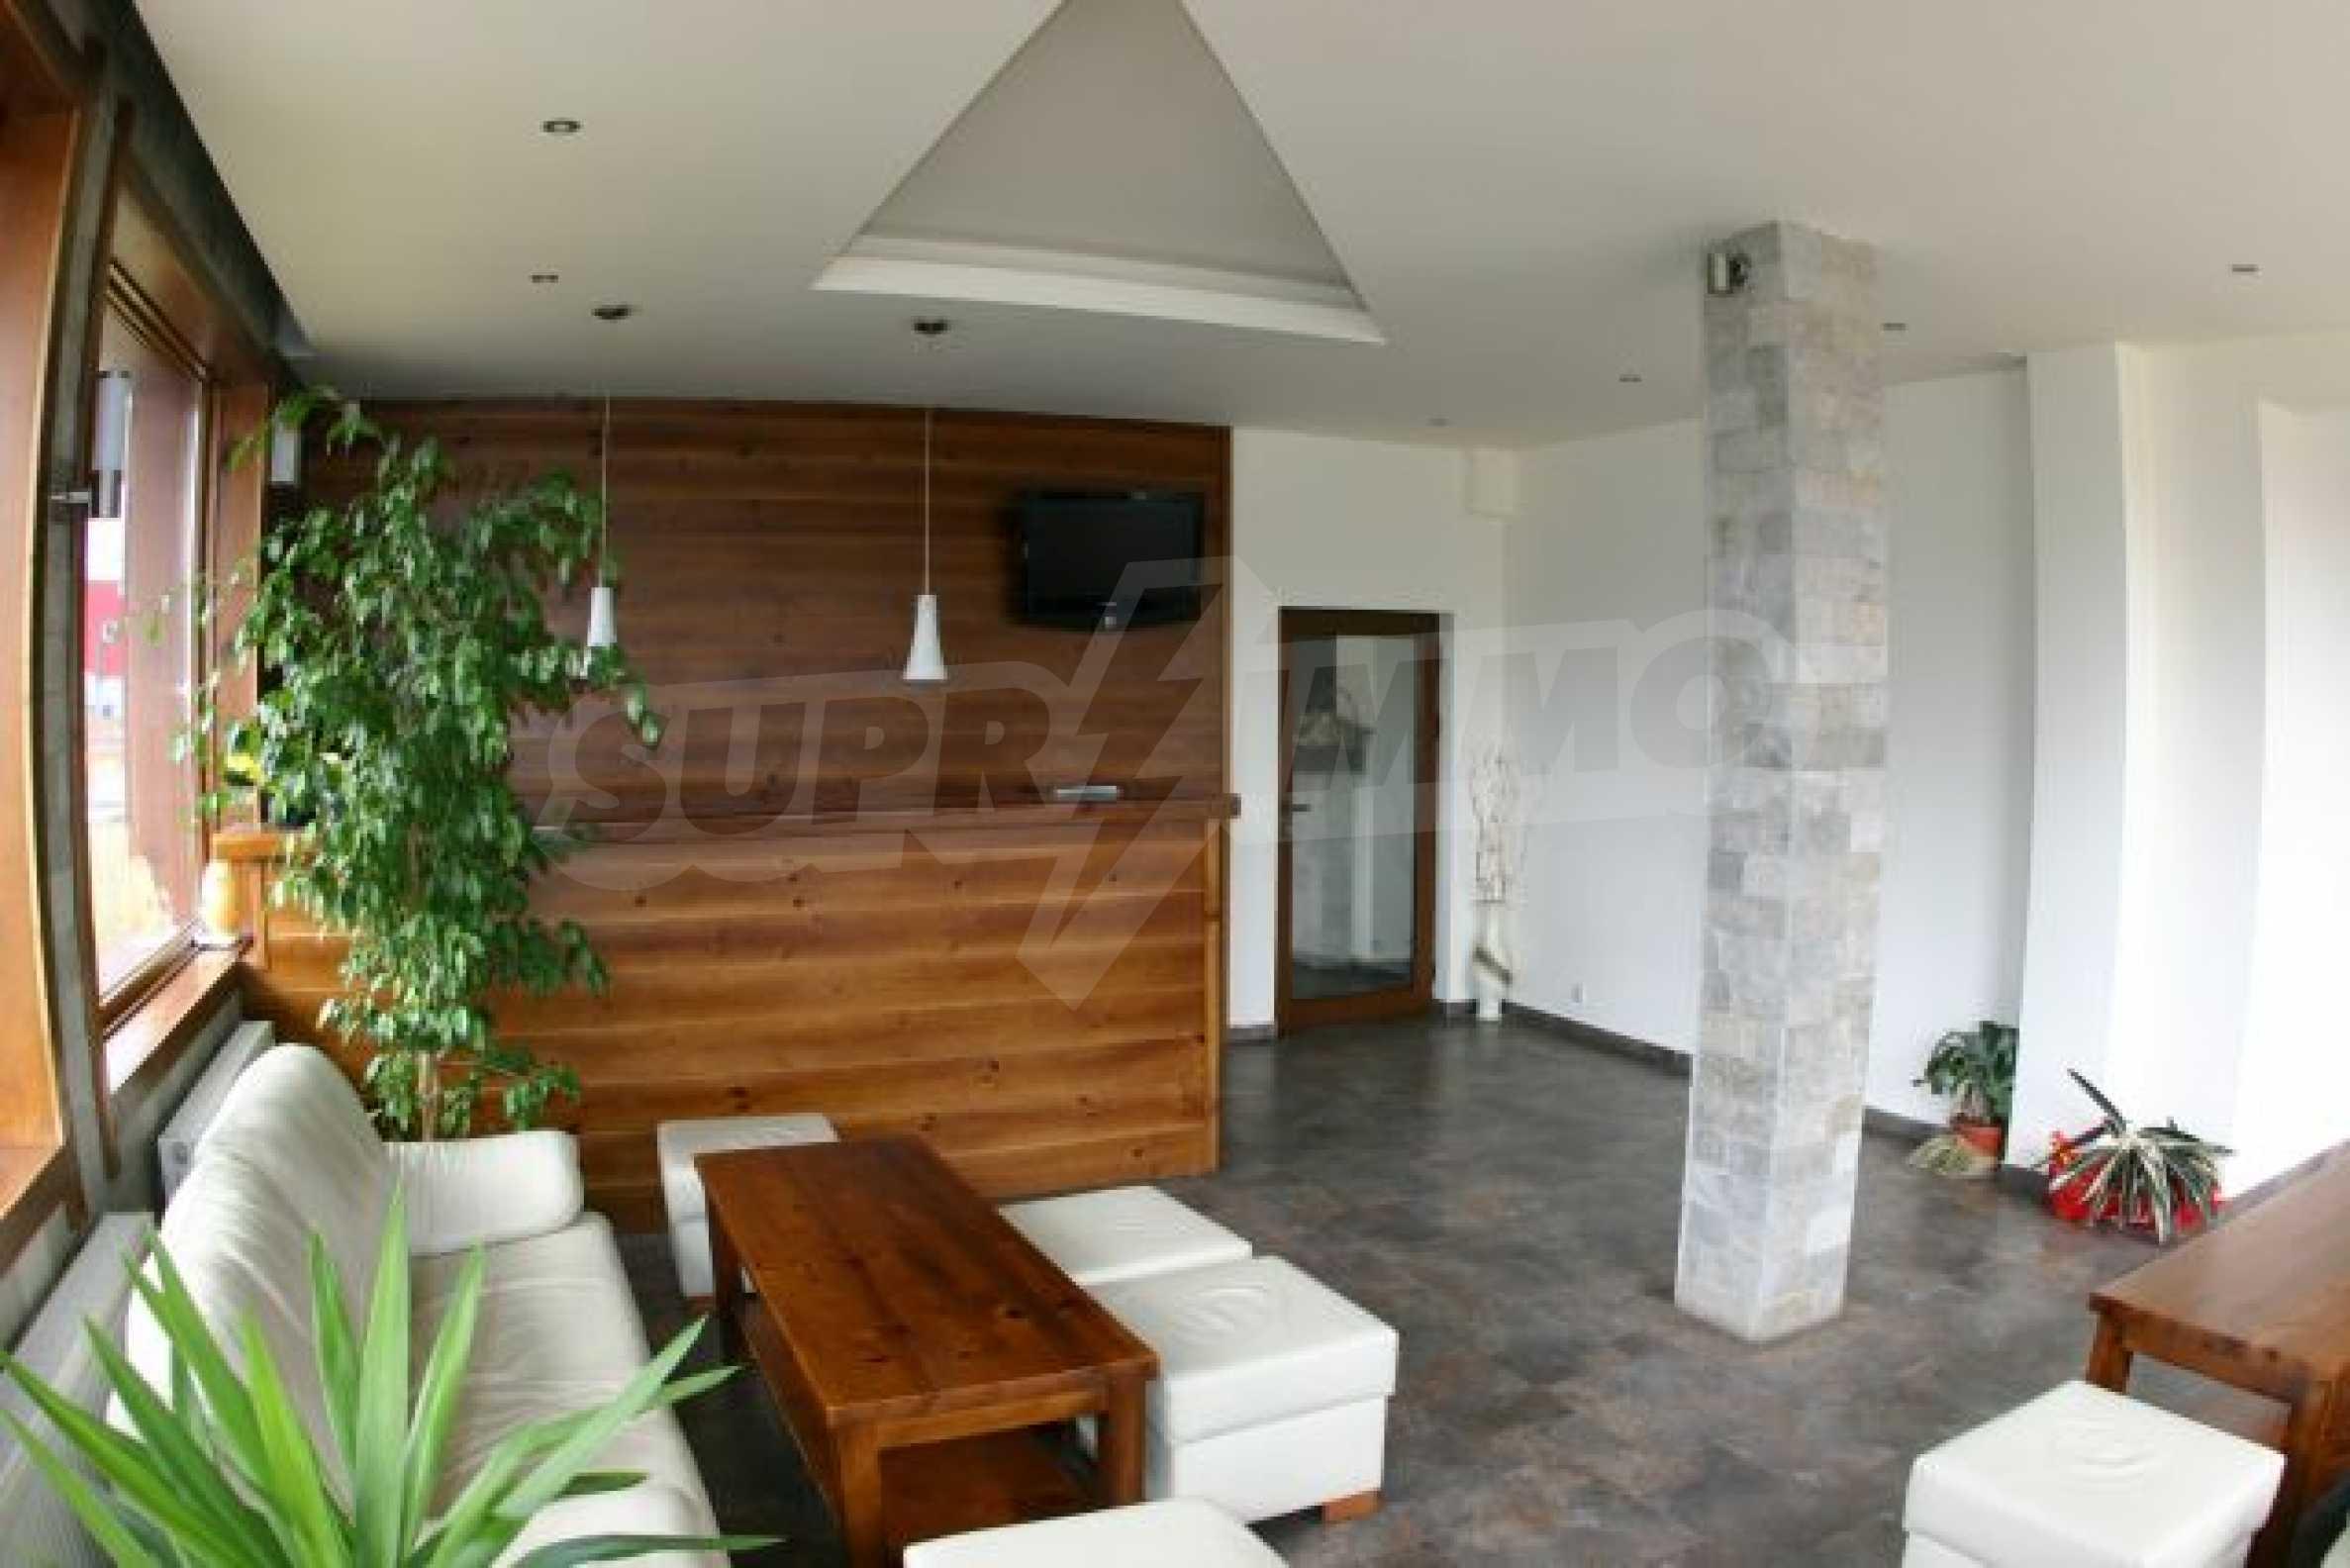 Елегантен хотел за продажба в ски курорта Банско 3